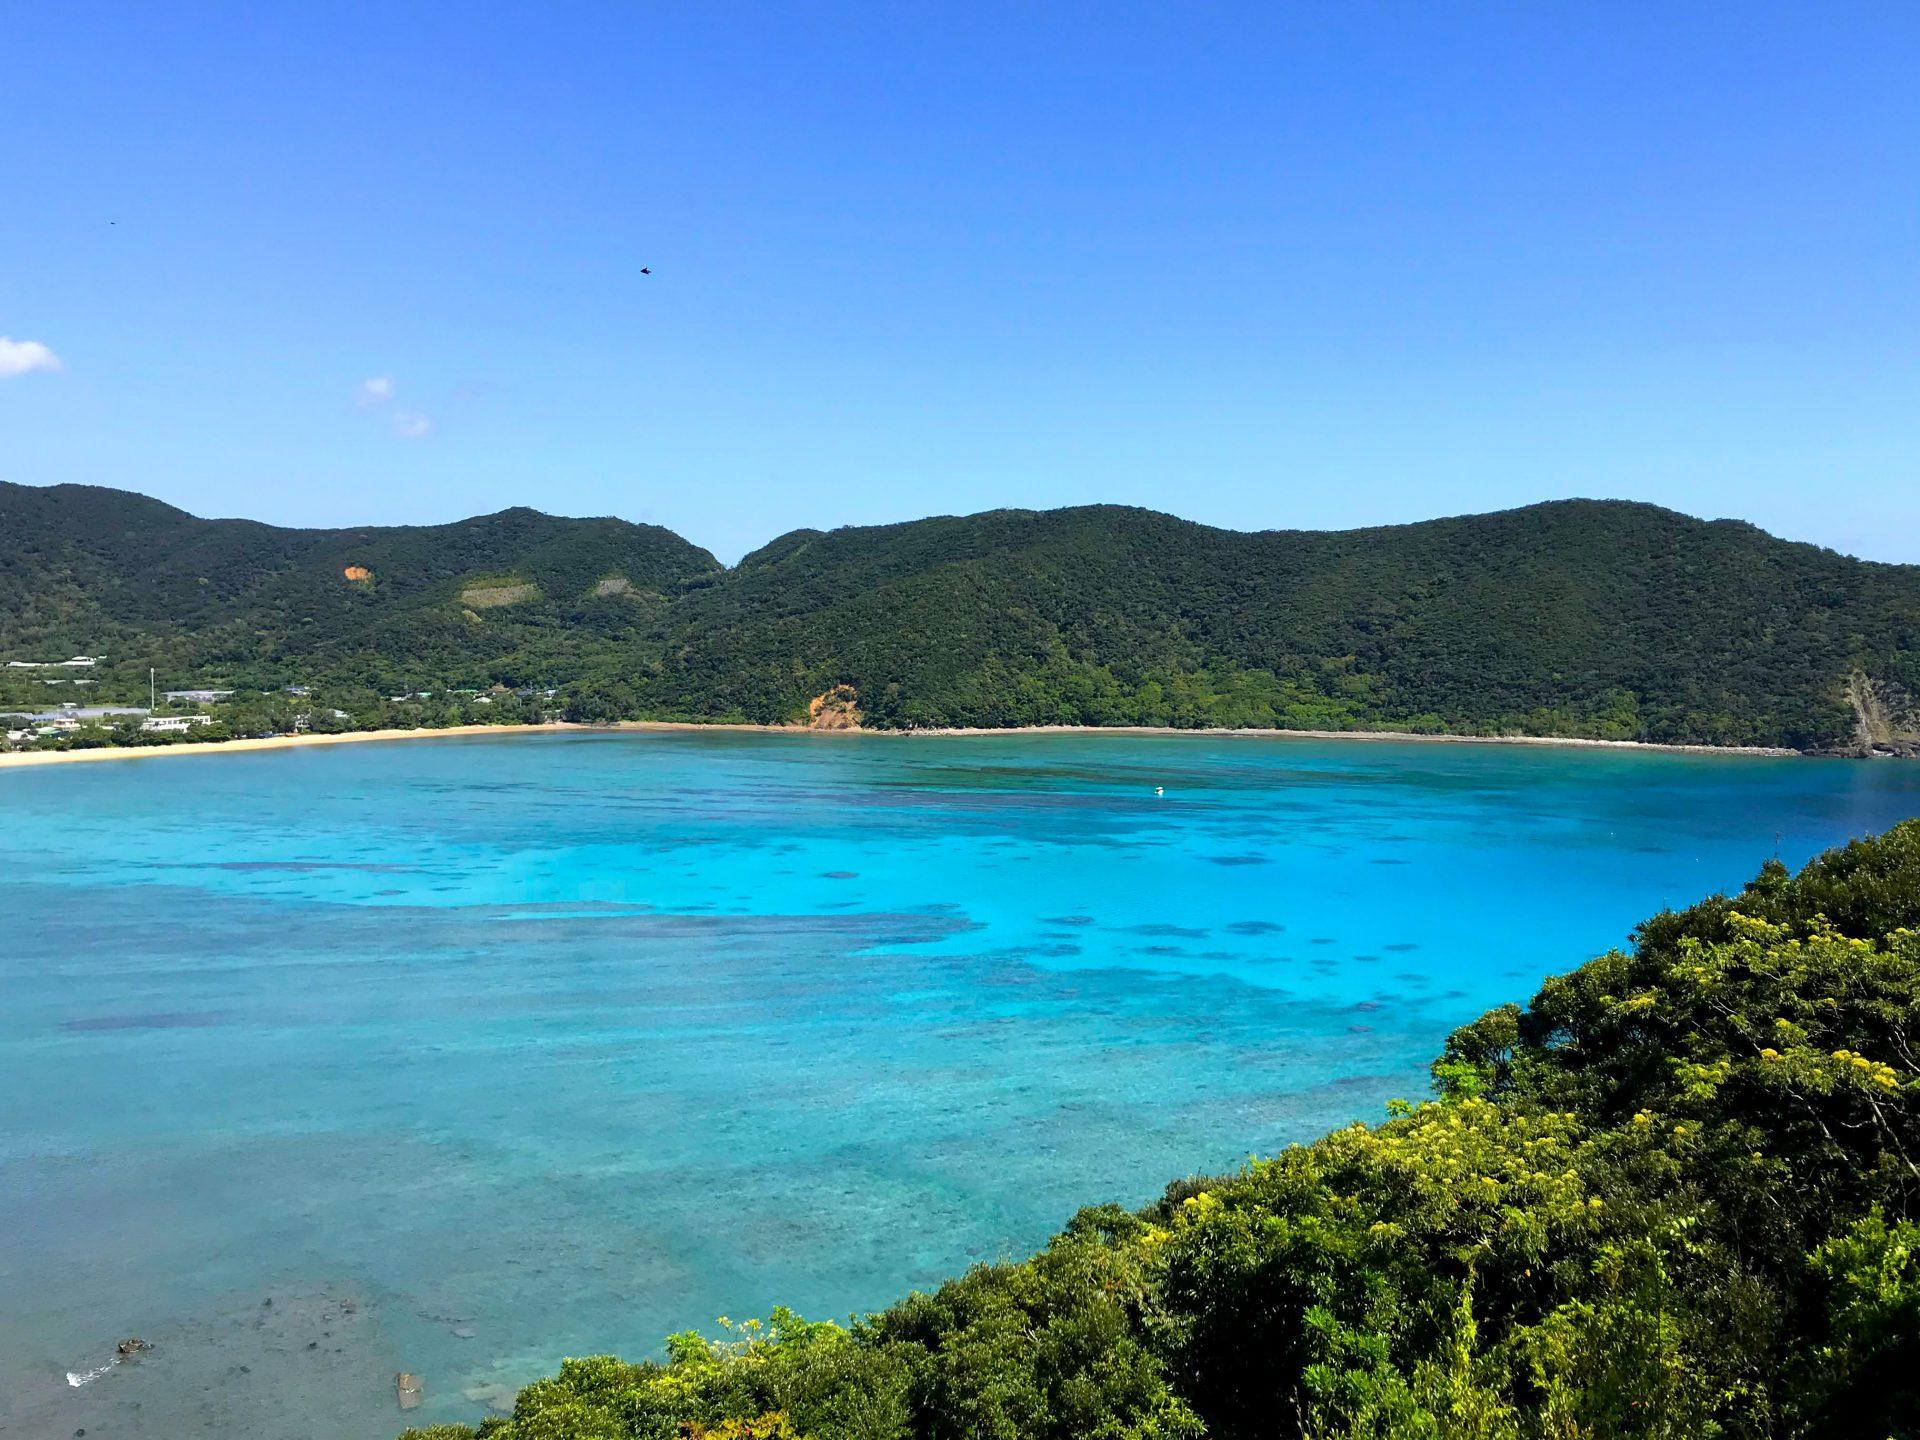 奄美大島 南部 海水浴 おすすめ ビーチ